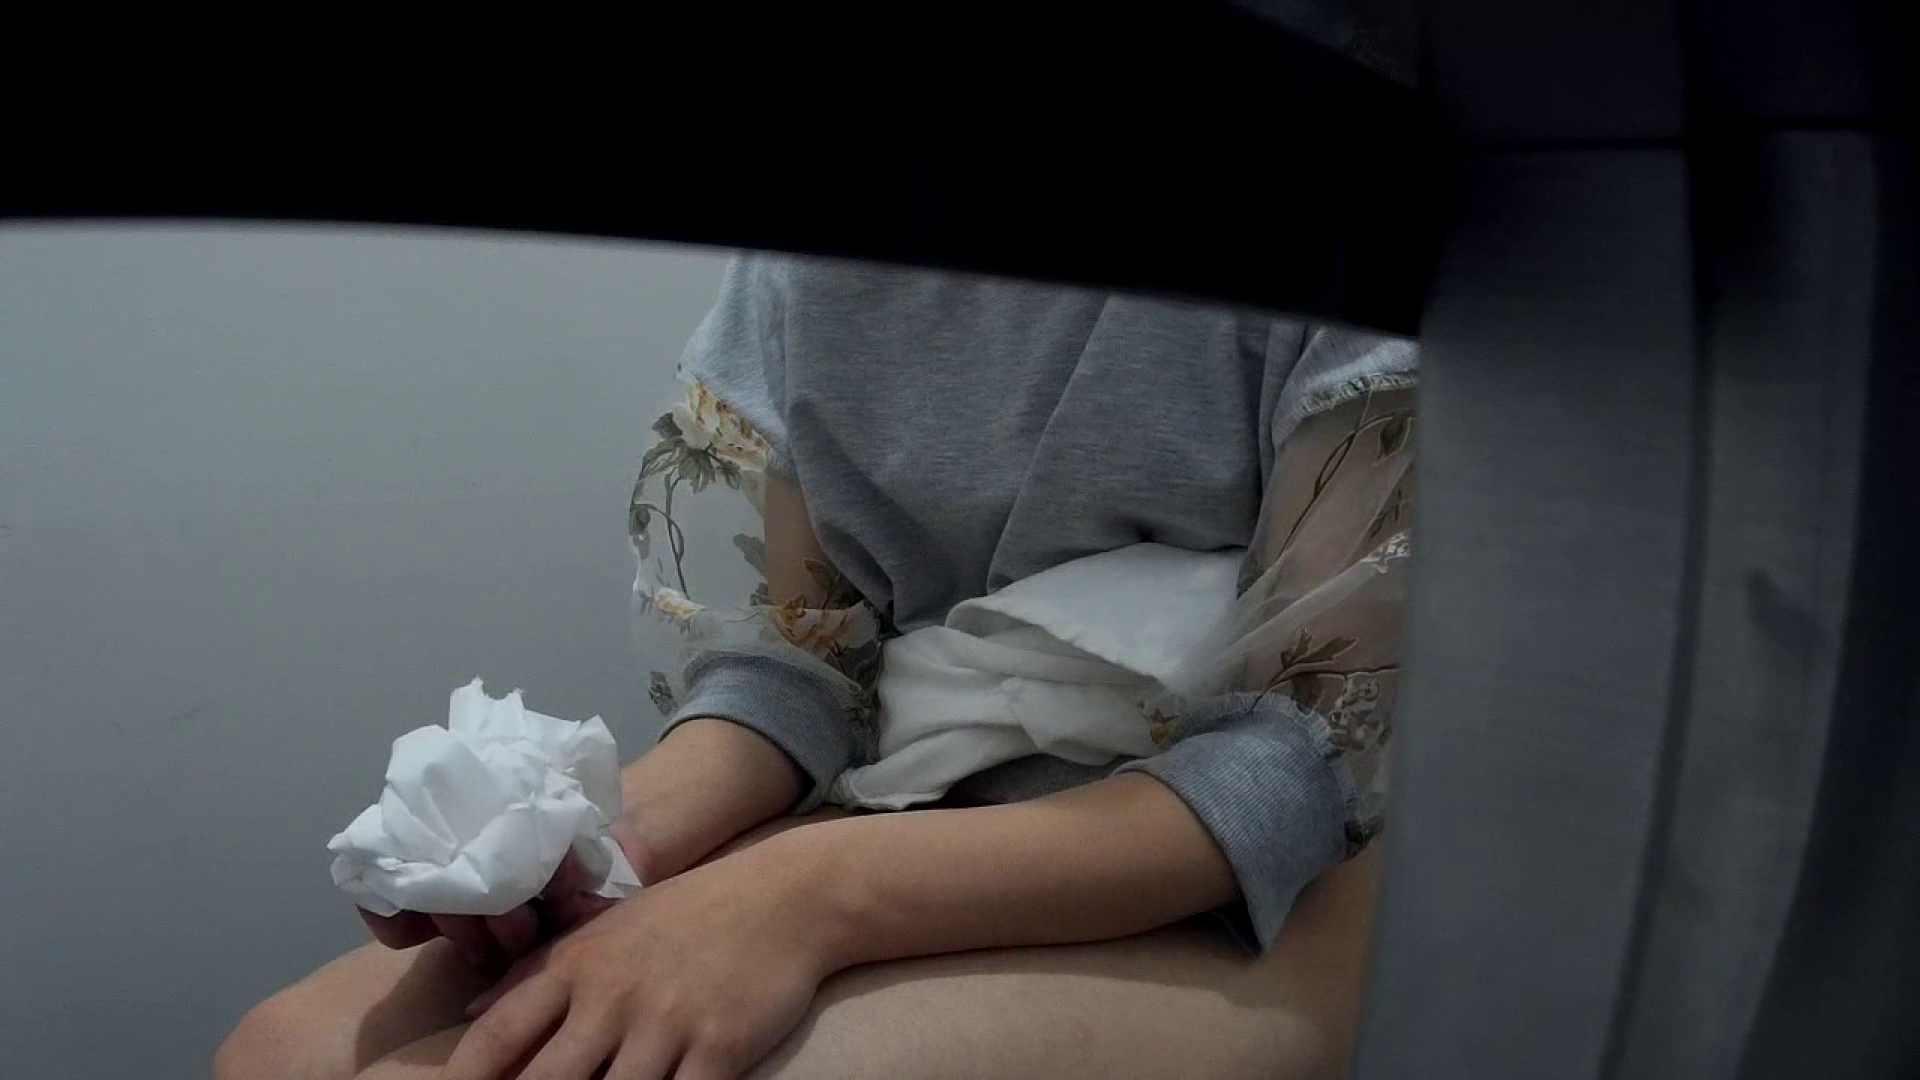 有名大学女性洗面所 vol.40 ??おまじない的な動きをする子がいます。 高画質 性交動画流出 99枚 85